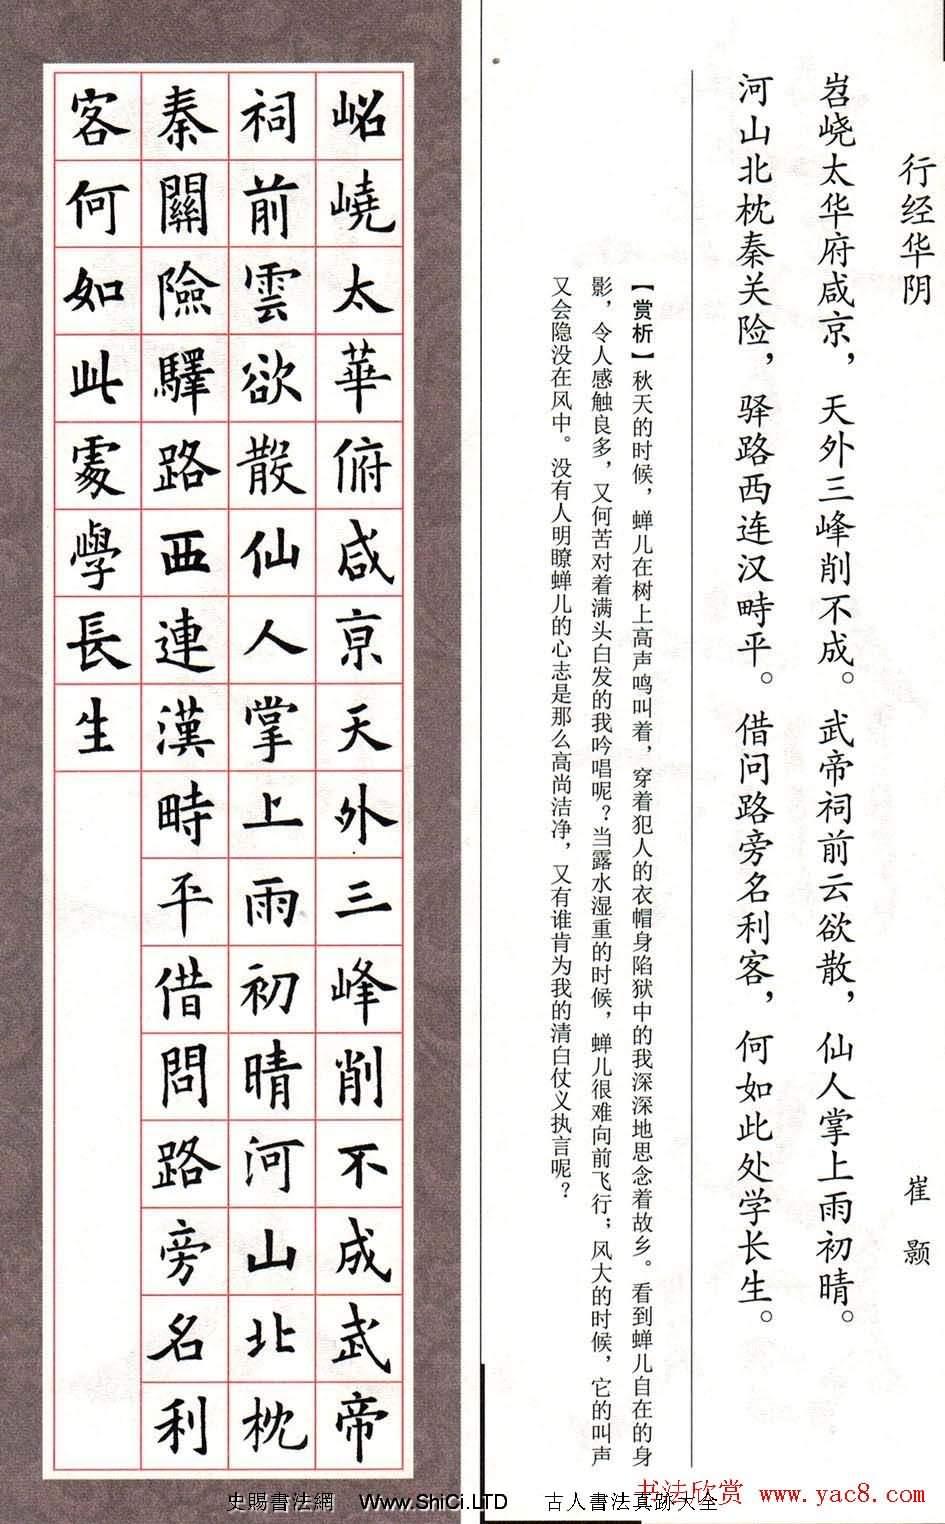 歐楷字帖《歐陽詢書法集字七言律詩七首》(共17張圖片)